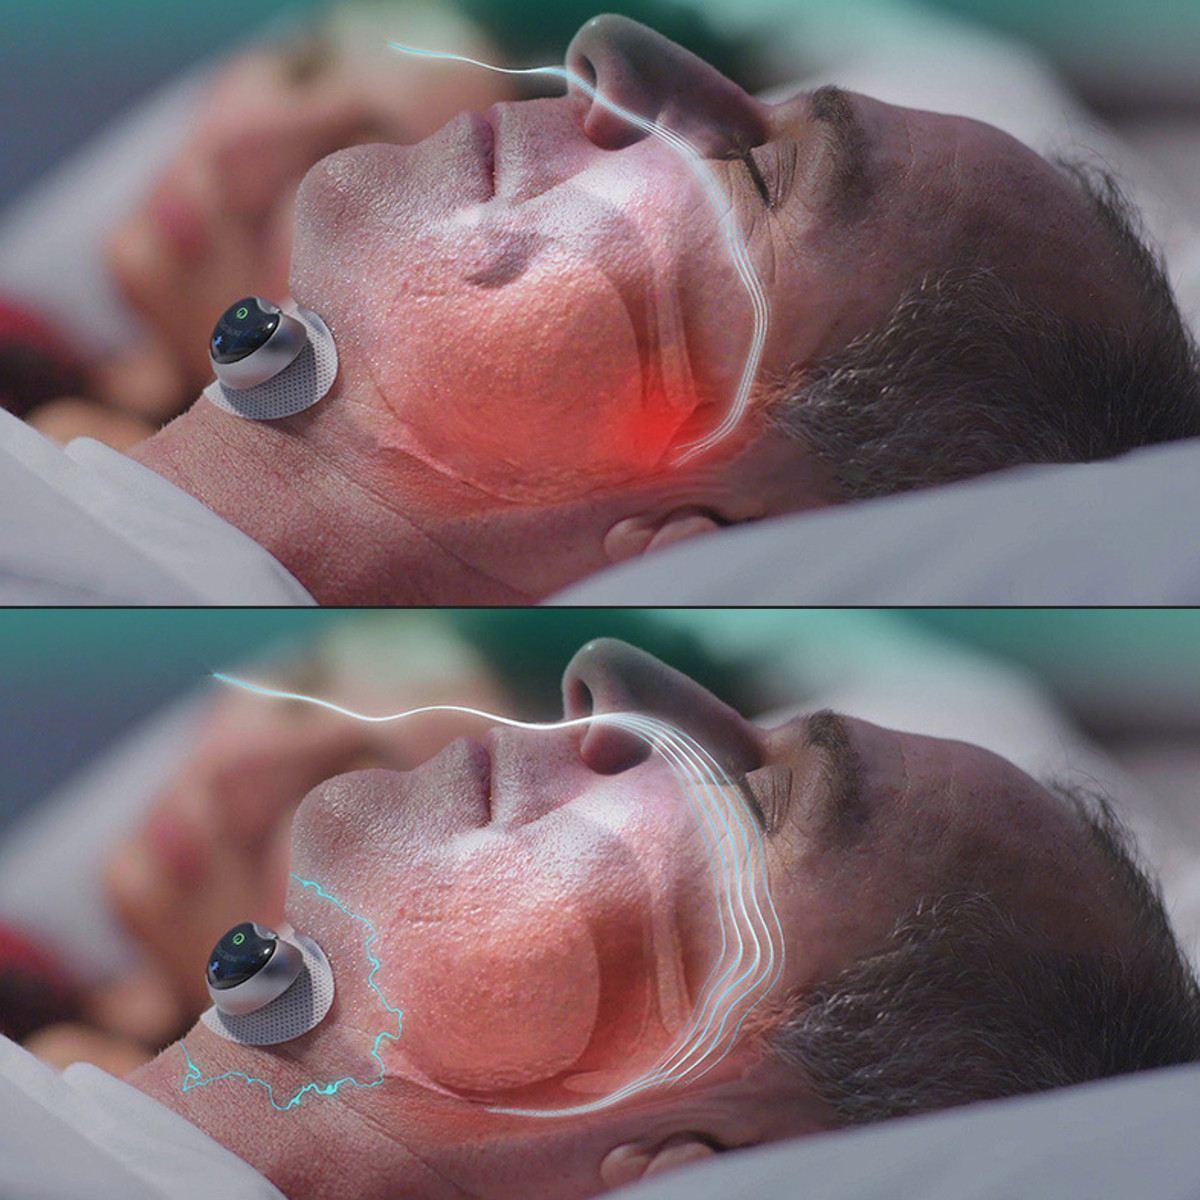 Новая умная Пробка От Храпа стоп биодатчик Храпа Анти Храп Спящая помощь с приложением и монитор сна устройство помощи сна CPAP Замена - 5